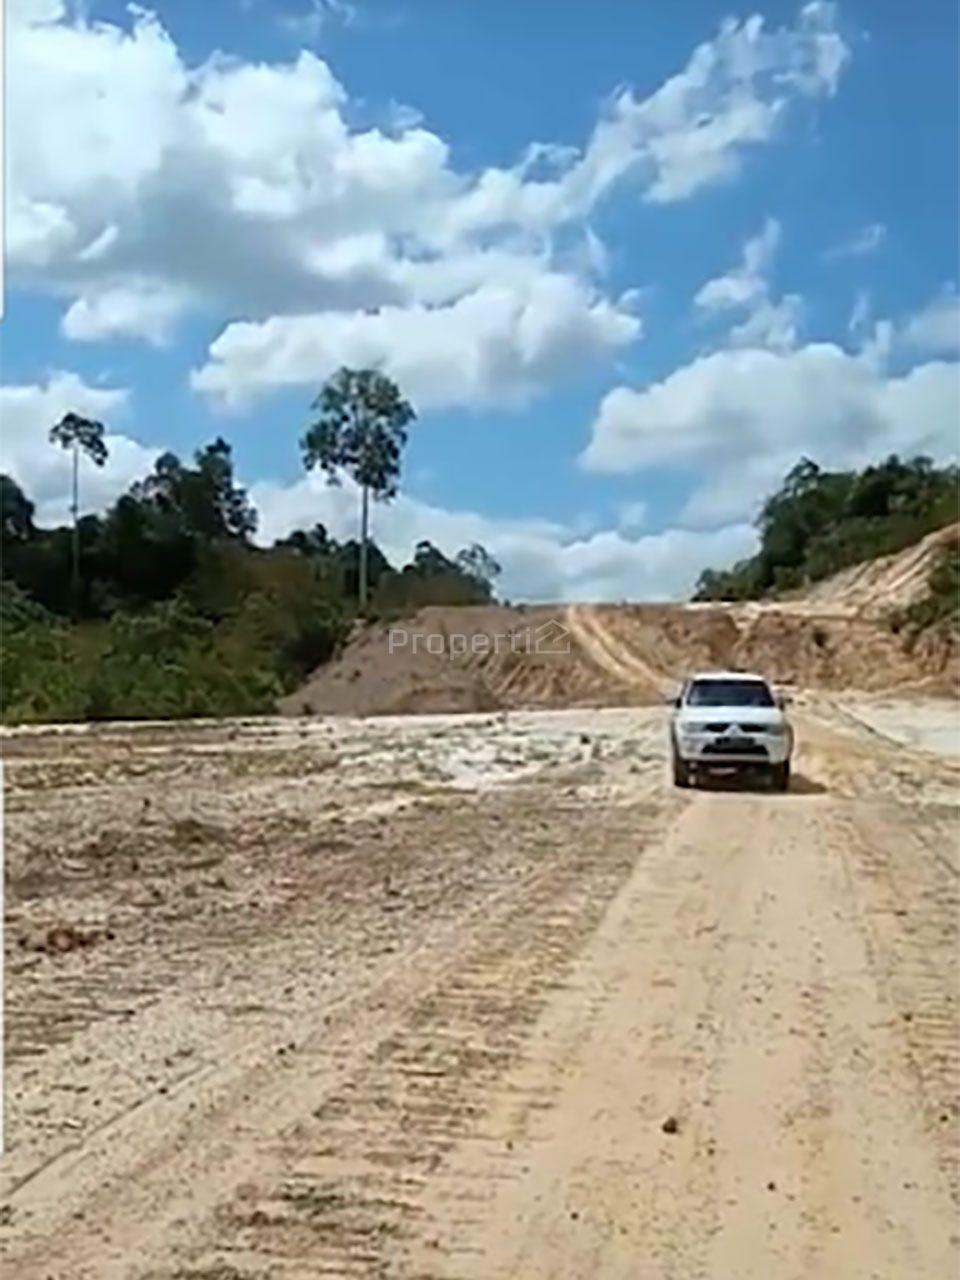 Land for Warehousing in Kariangau, West Balikpapan, Kalimantan Timur